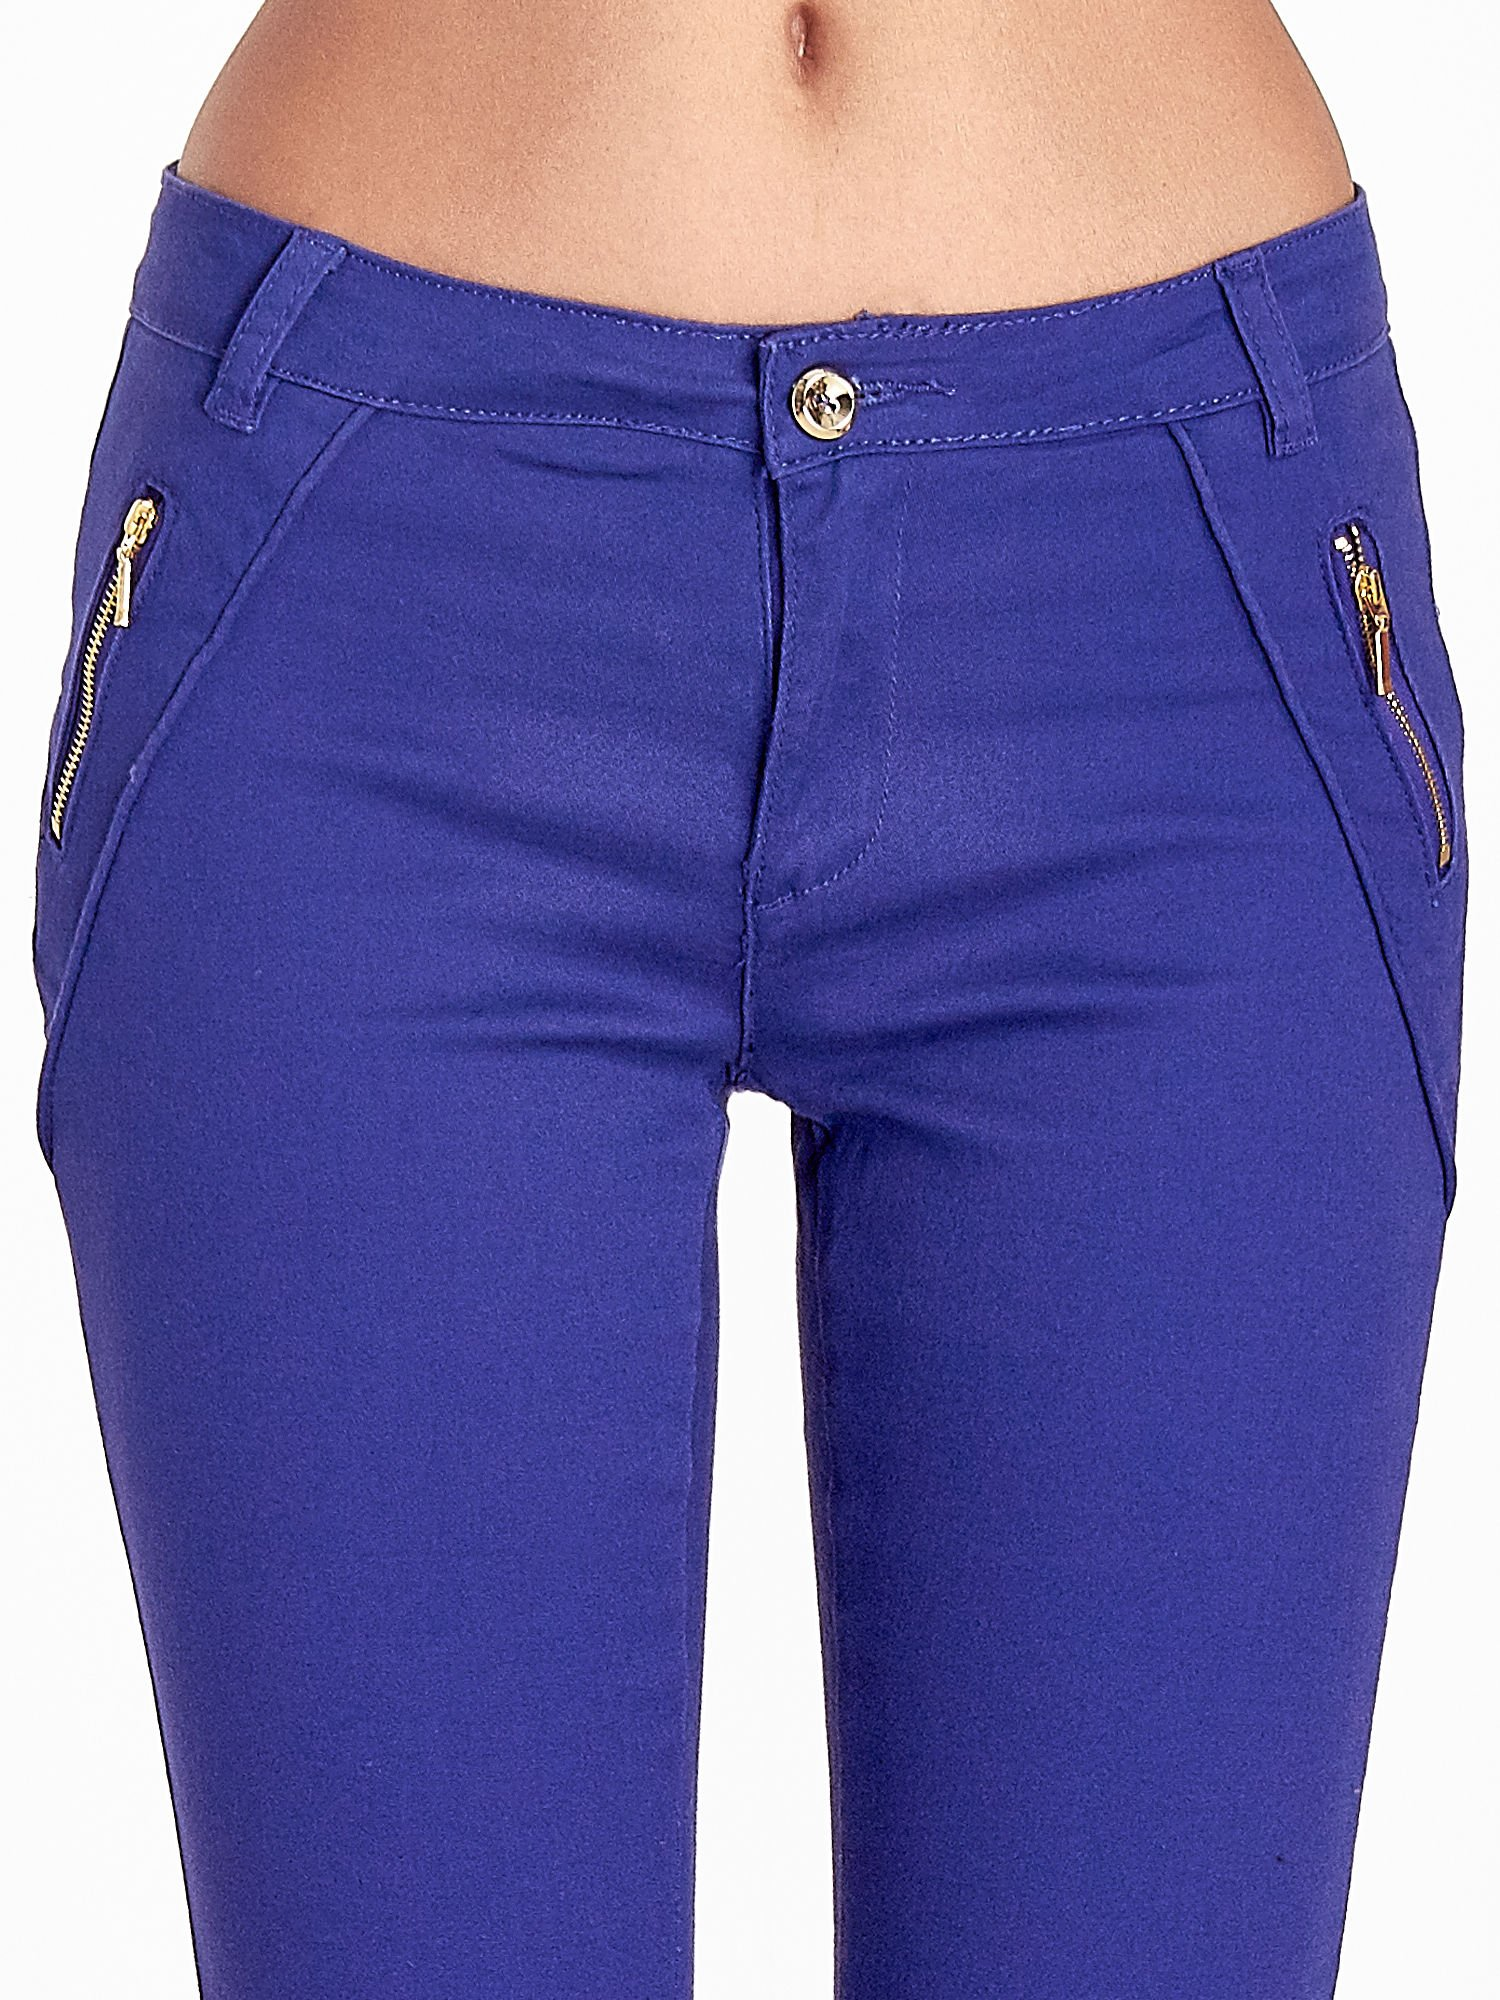 Fioletowe spodnie ze złotymi suwakami                                  zdj.                                  5